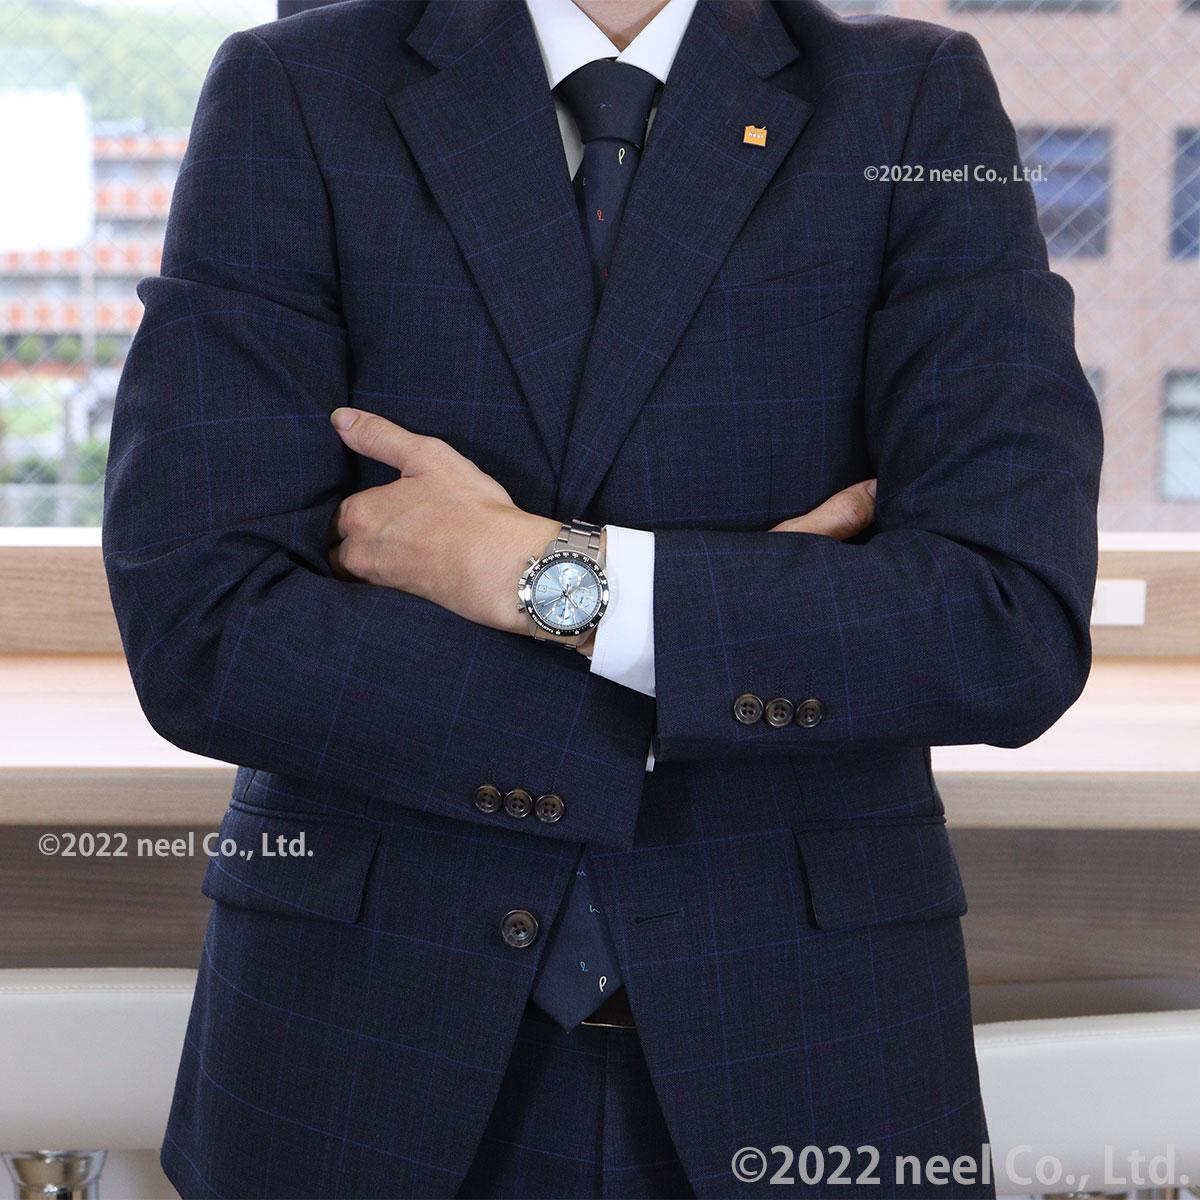 a9a72b32ad セイコー セレクション SEIKO SELECTION 腕時計 メンズ クロノグラフ SBTR029